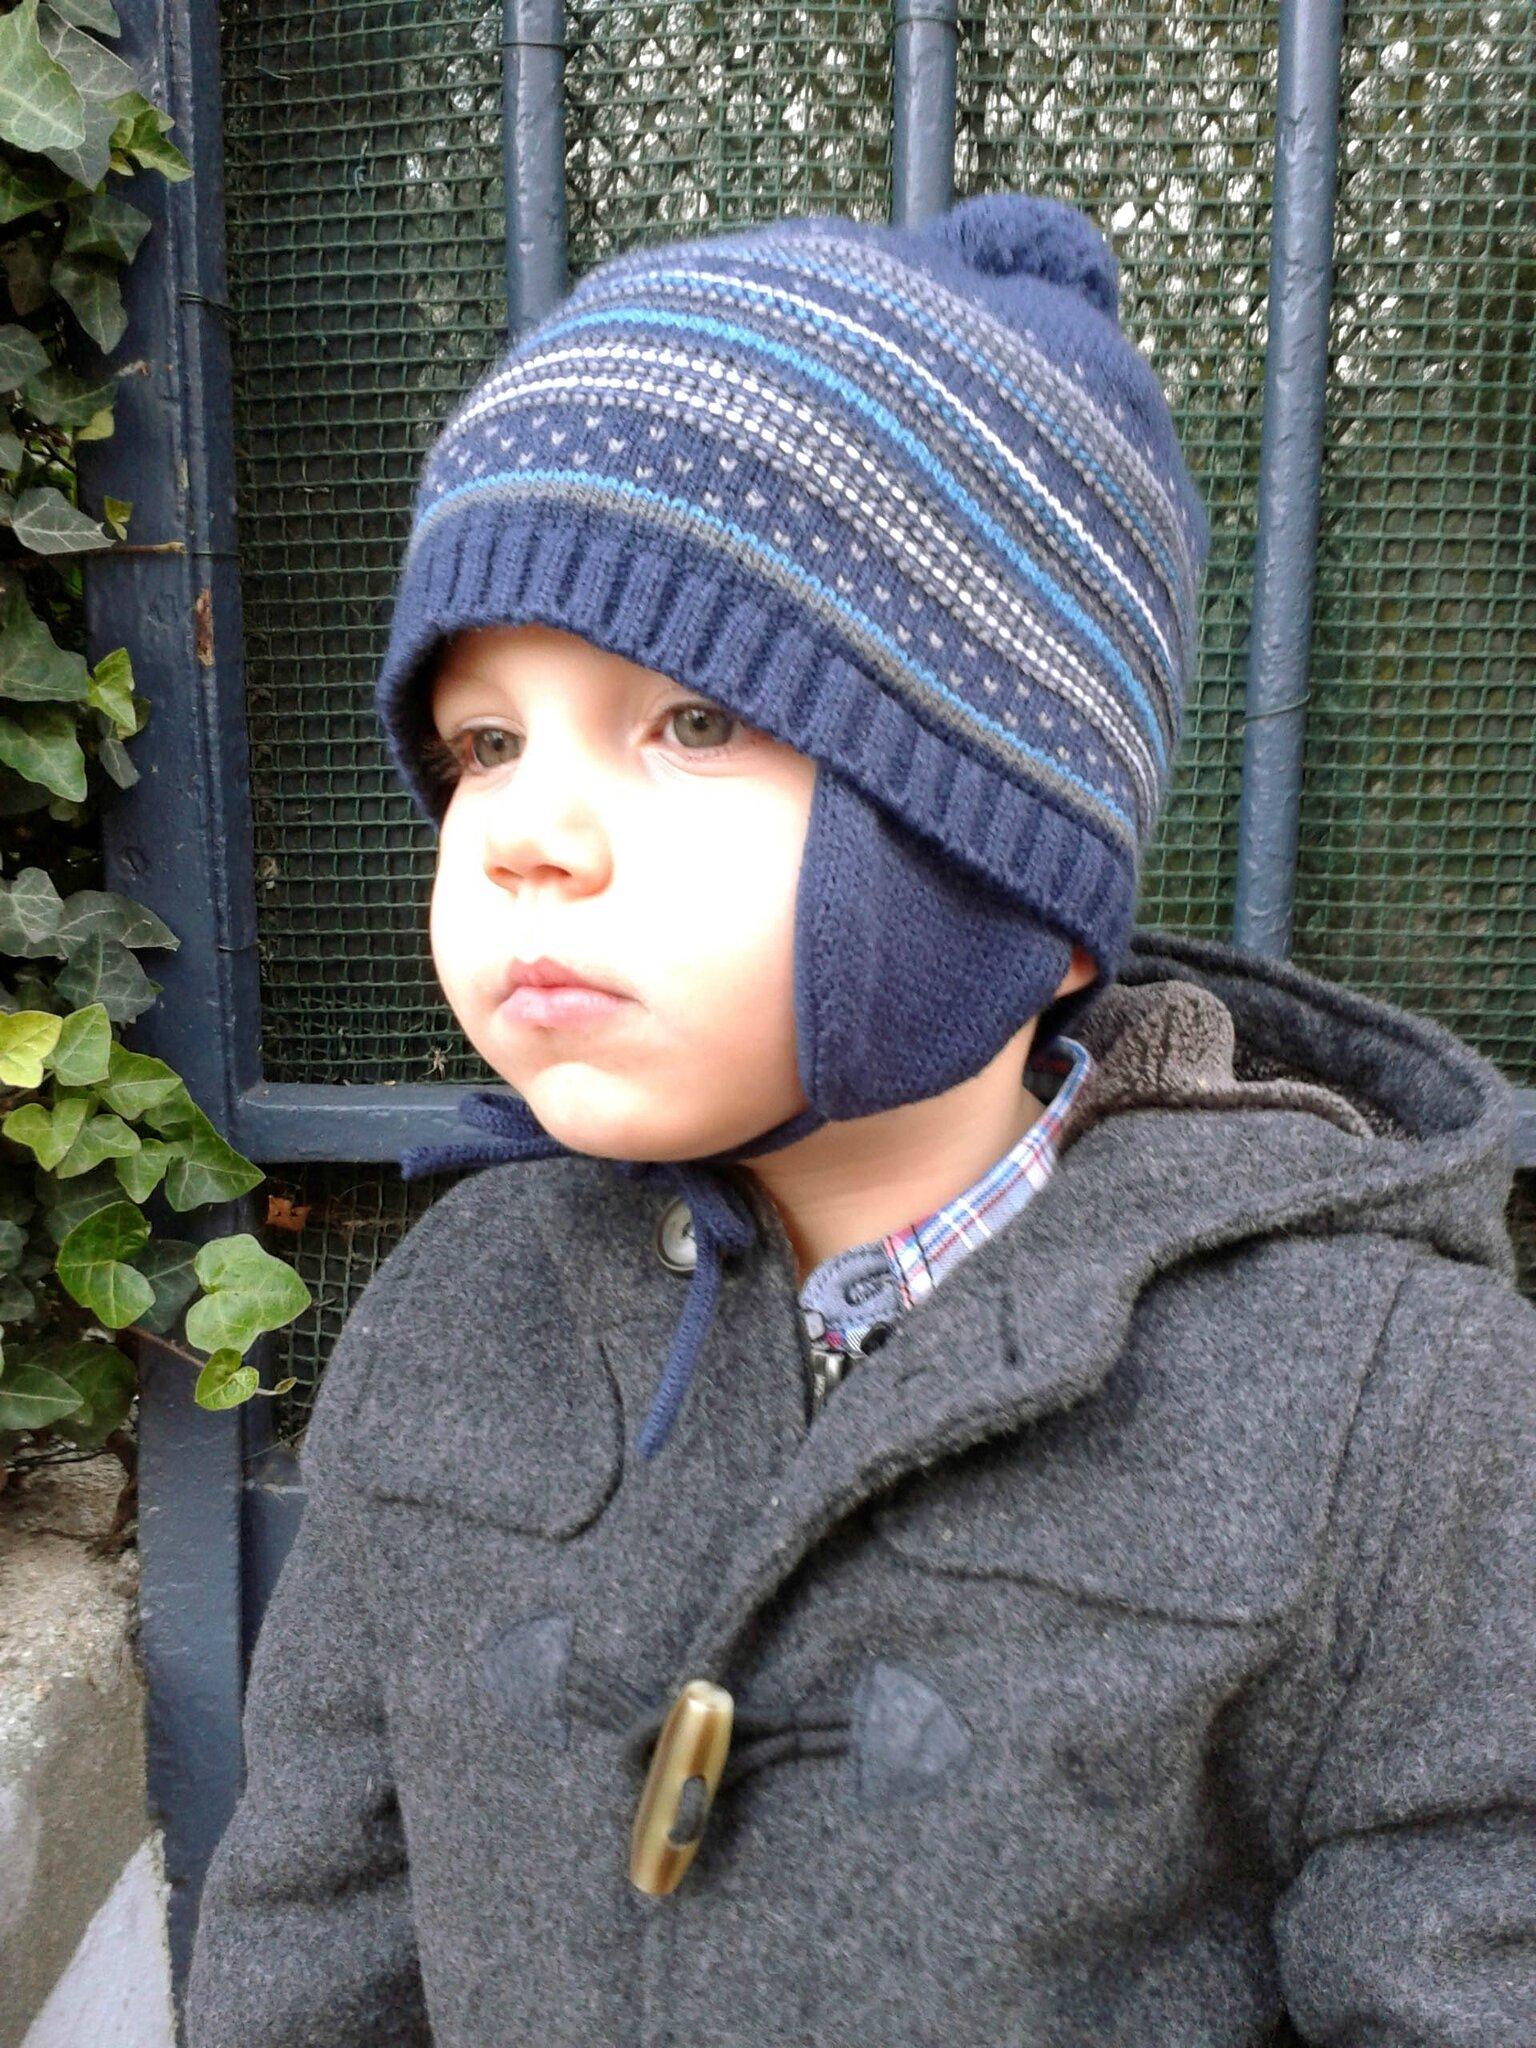 Fabuleux Look de petit garçon #2 - La page de vie de MlleOr SE52